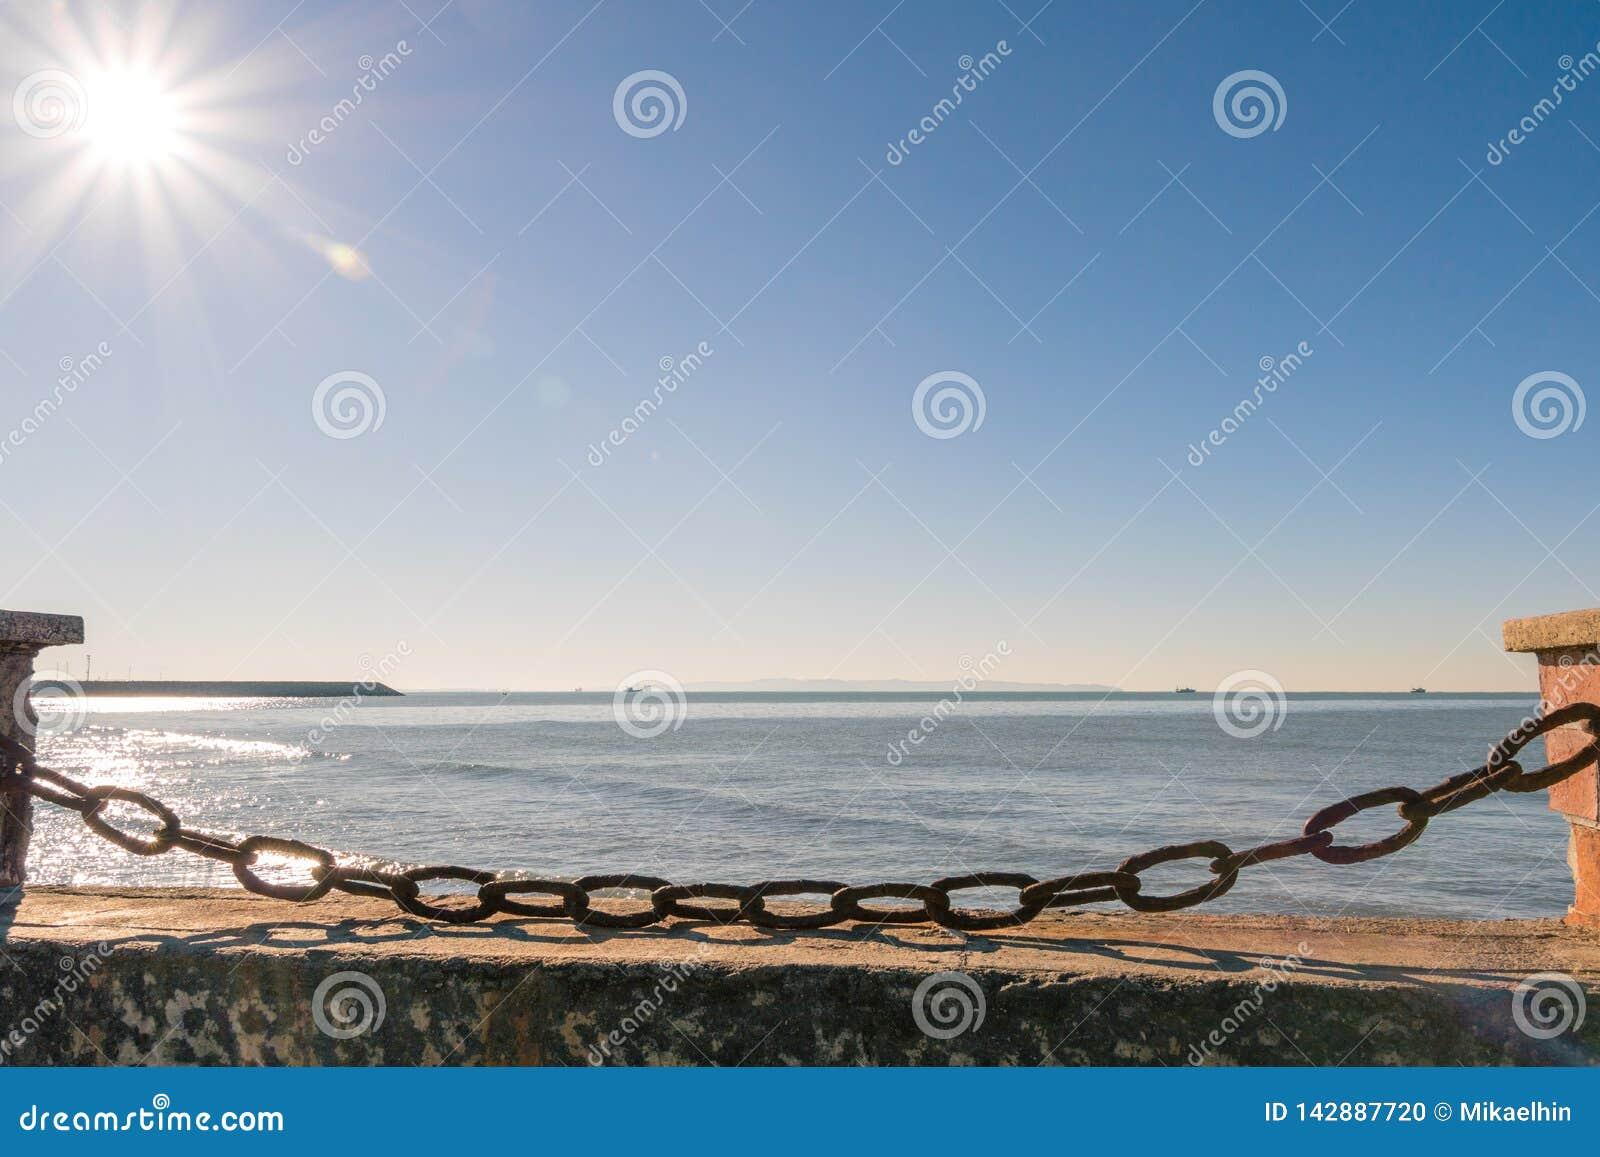 Ośniedziały łańcuch blokuje plażę